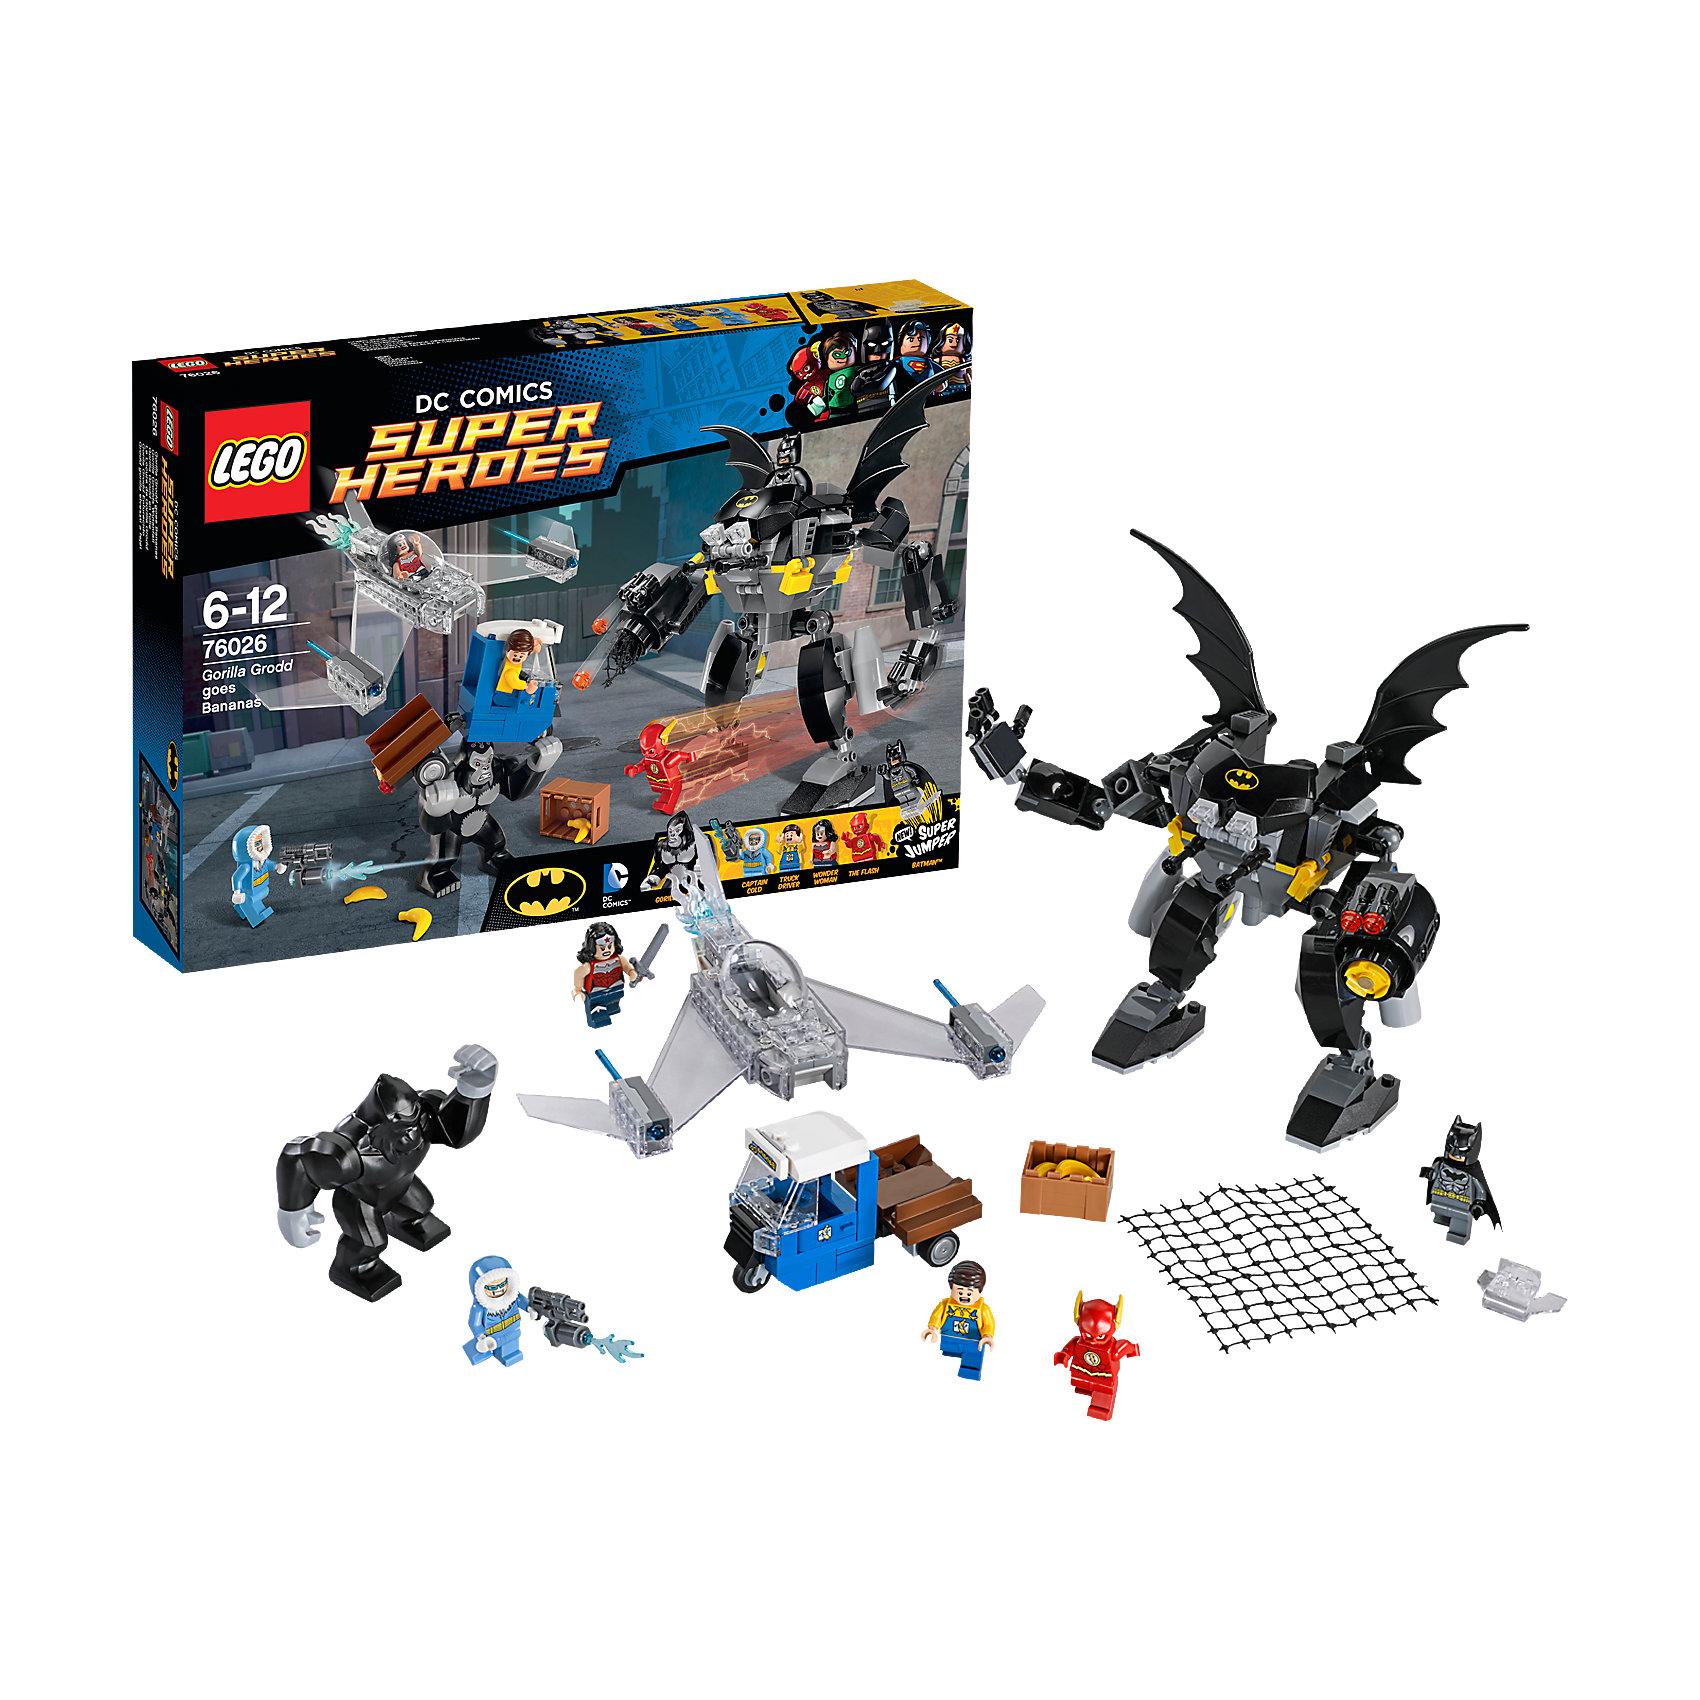 LEGO LEGO Super Heroes 76026: Горилла Гродд сходит с ума конструктор lego super heroes 76055 бэтмен убийца крок